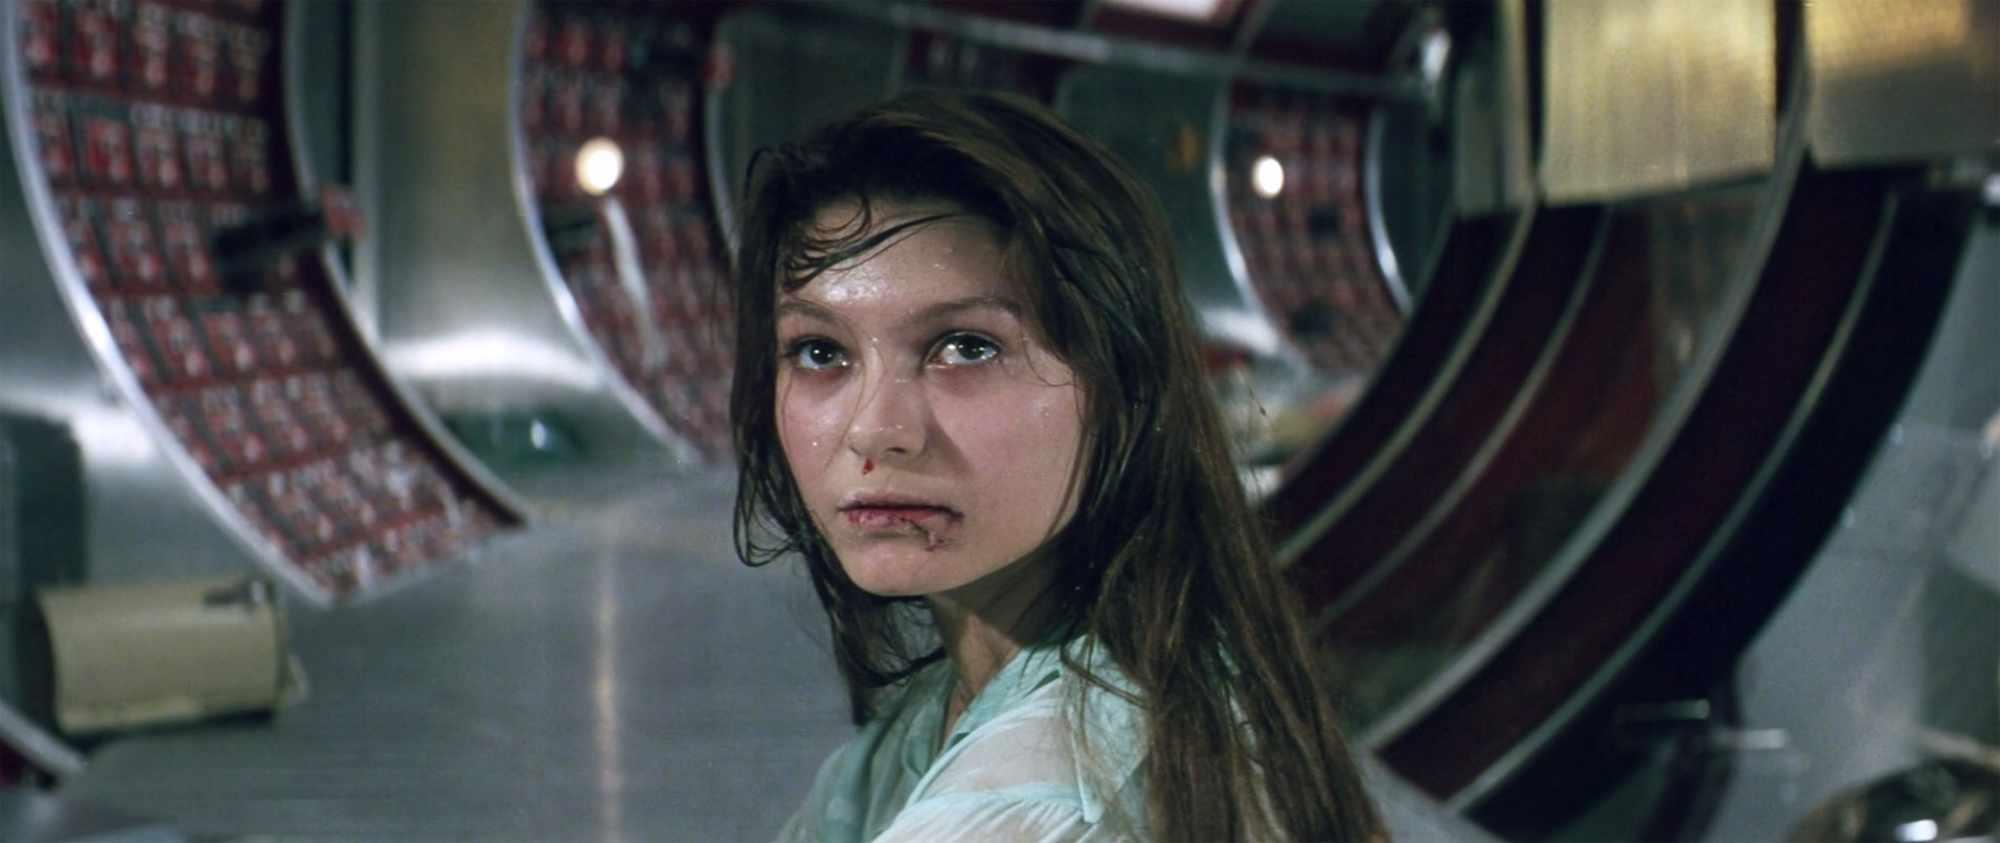 Natalya Bondarchuk als Hari (Harey) in der filmischen Solaris-Adaption durch Andrei Tarkowski aus dem Jahre 1972 (Foto: Film-Standbild/Mosfilm)